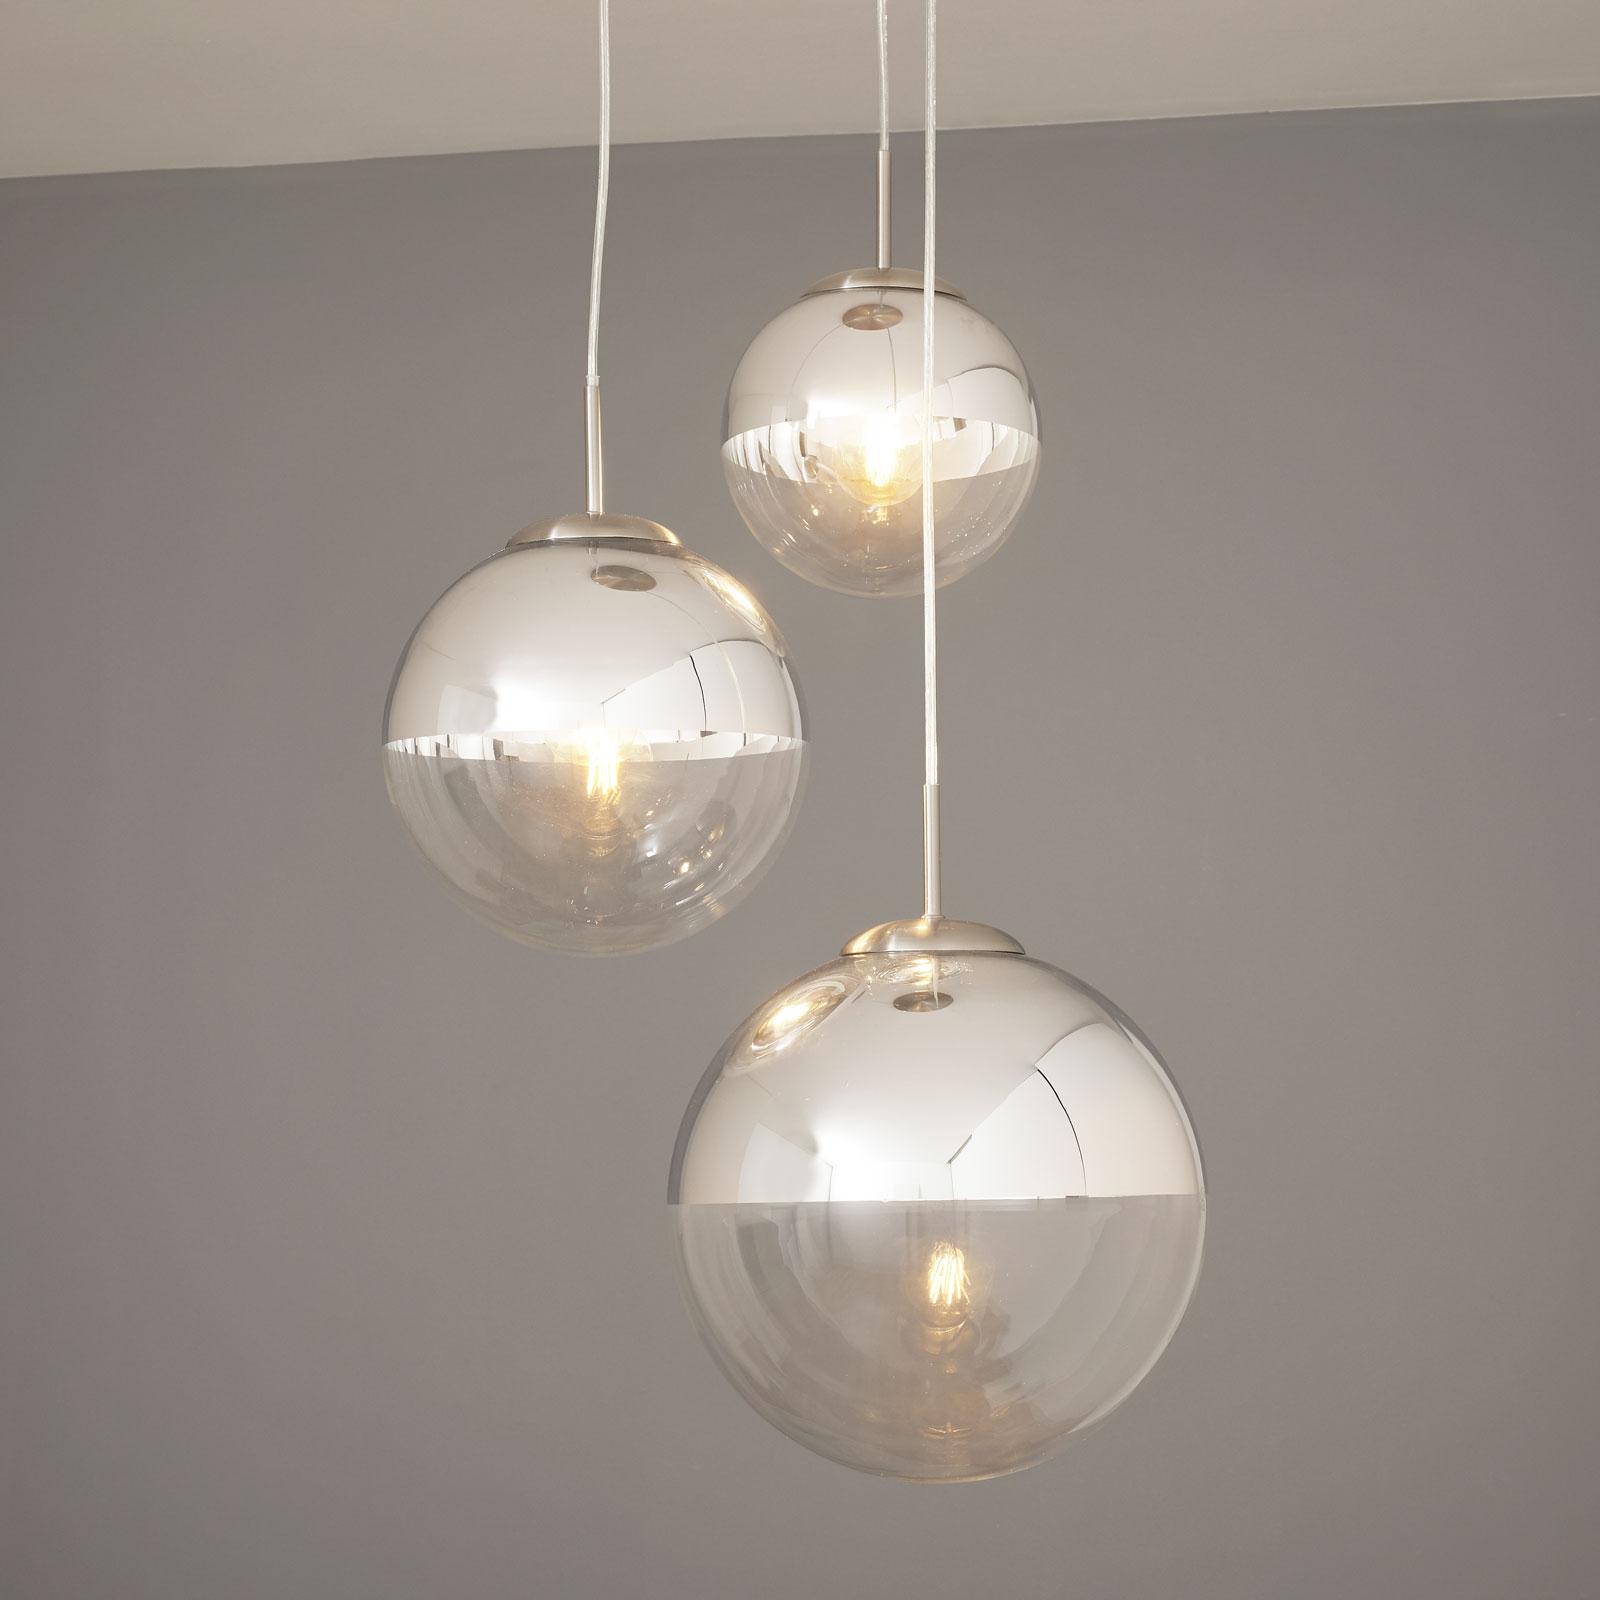 Lámpara colgante Ravena esferas cristal, 3 brazos